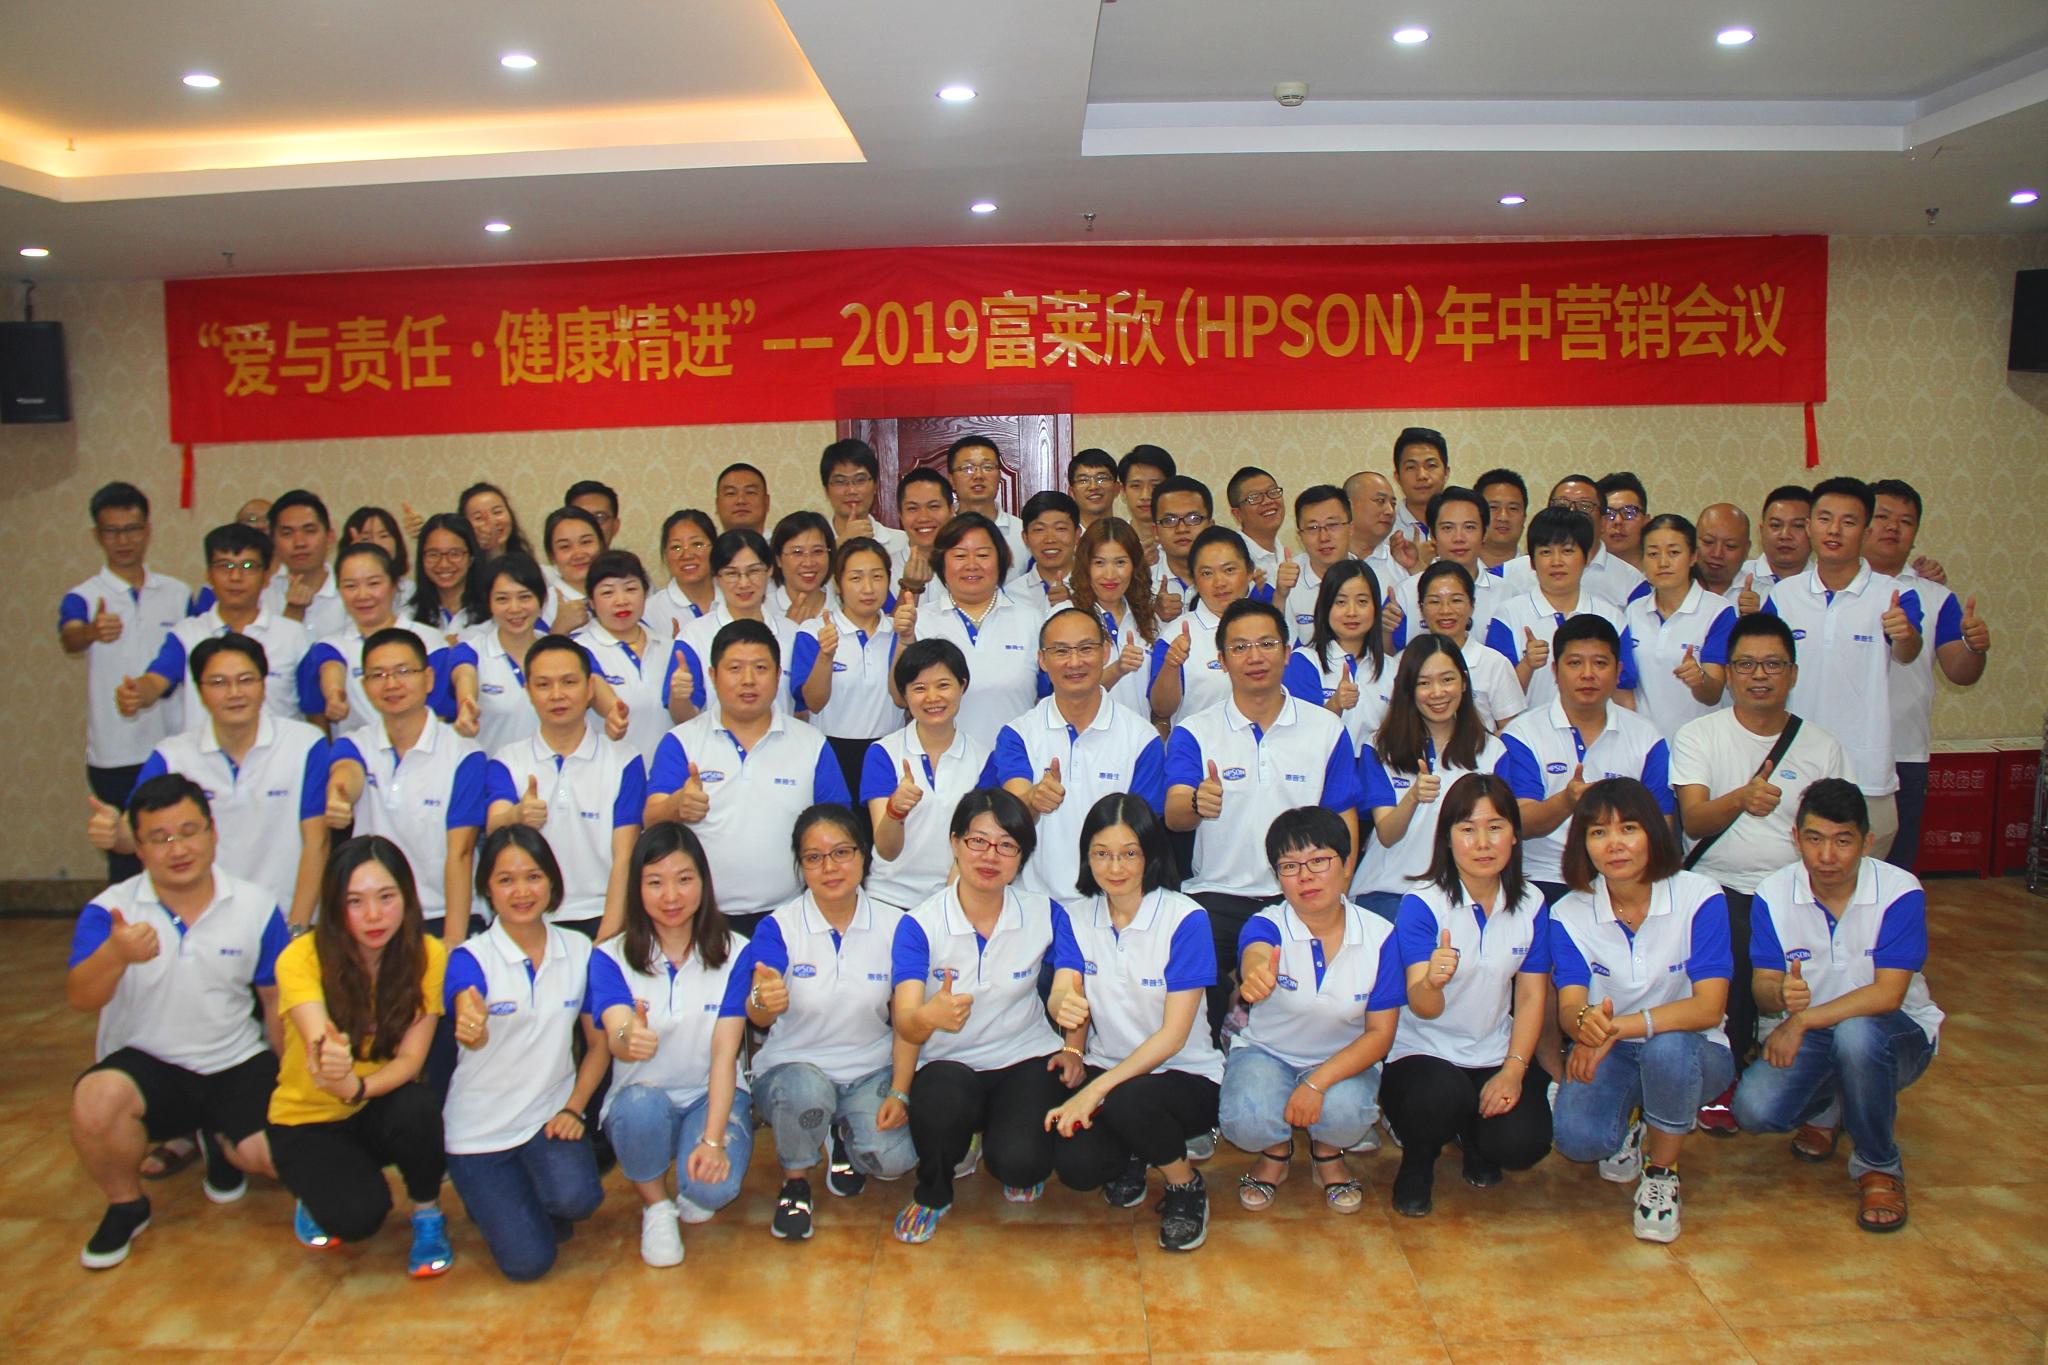 2019富莱欣(HPSON)年中营销会议胜利闭幕